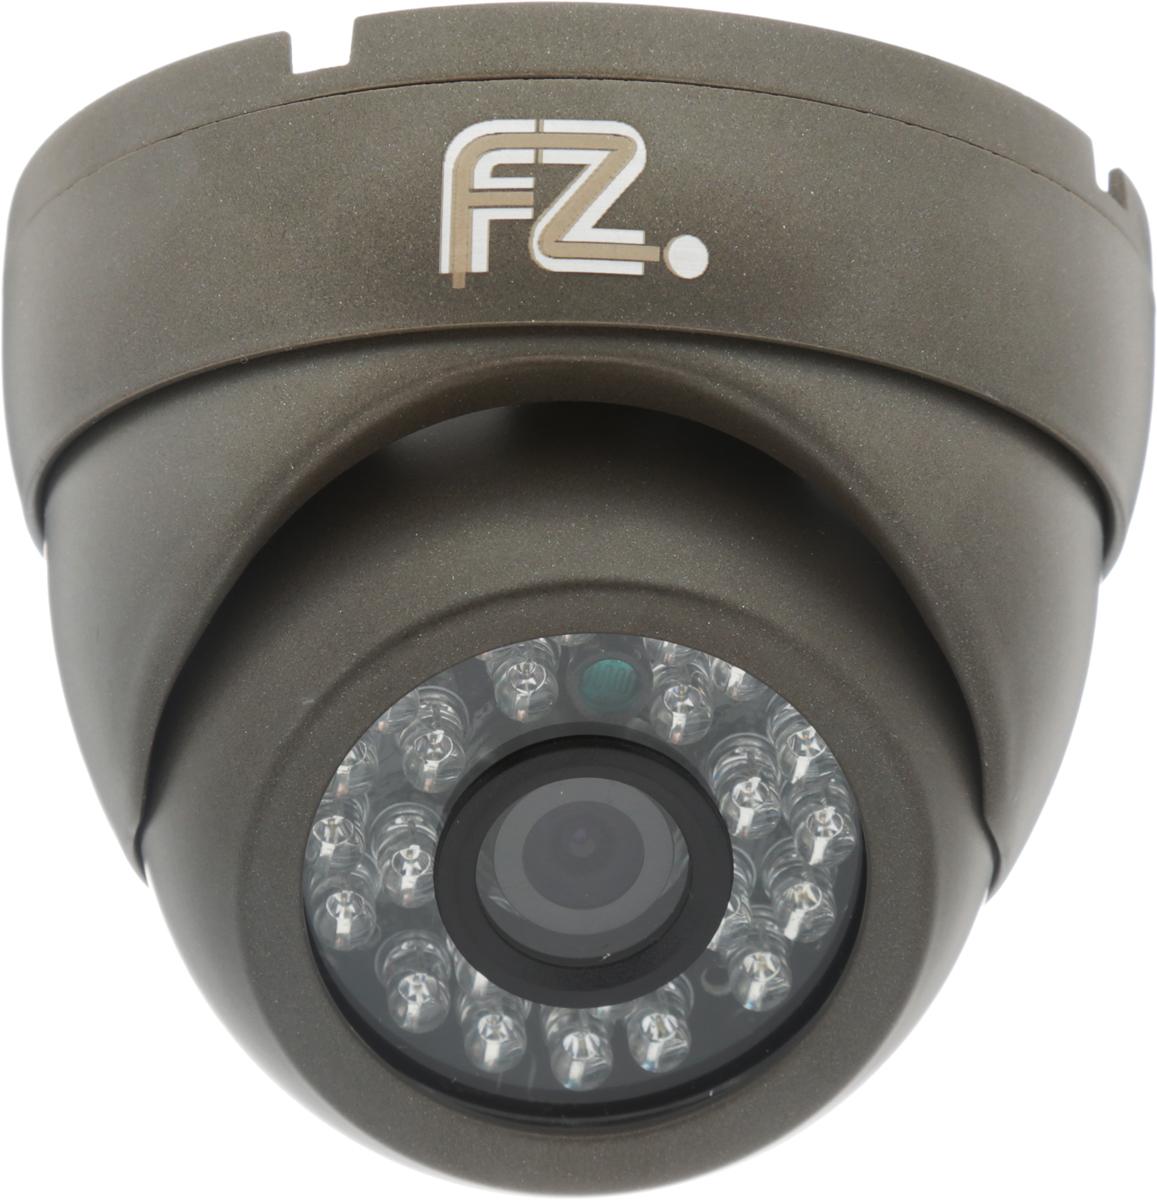 Fazera FZ-DIR24-720 камера видеонаблюденияFZ-DIR24-720Благодаря наличию инфракрасной подсветки дальностью 20 метров, и надежной защитой от атмосферных воздействий в широком диапазоне температур, камера видеонаблюдения Fazera FZ-DIR24-720 может эксплуатироваться на таких объектах, как уличные паркинги, складские помещения, отели, жилые дома и т.д.В основе камеры матрица 1/4 CMOS OmniVision OV9712 и процессор HiSilicon HI3518E благодаря чему уличная IP-камера Fazera FZ-DIR24-720 формирует изображение с разрешением до 1280x720 пикселей, с качественной цветопередачей и повышенной контрастностью, что позволяет использовать видеокамеру на объектах с высокими требованиями к качеству видеосигнала, и в системах с видеоаналитикой.Матрица: 1/4 CMOS OmniVision OV9712 Процессор: HiSilicon HI3518E Механический ИК-фильтр с автопереключением Настройки яркости, контраста, насыщенности через клиентское ПО или веб браузер Как выбрать камеру видеонаблюдения для дома. Статья OZON Гид